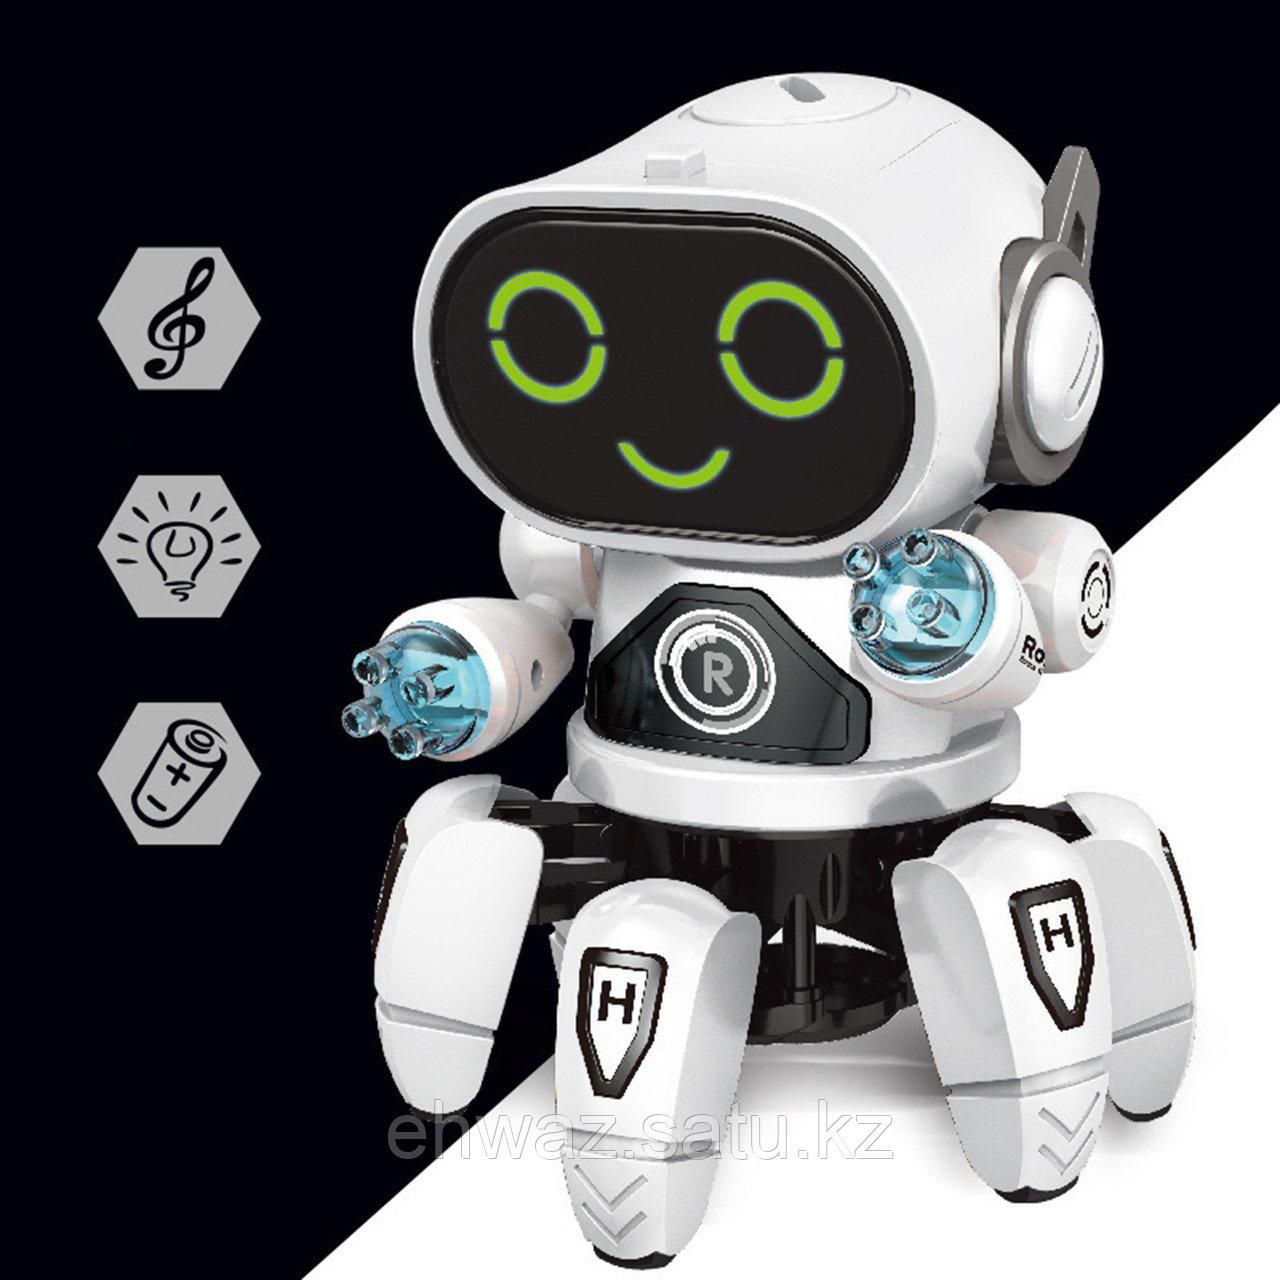 Музыкальный робот